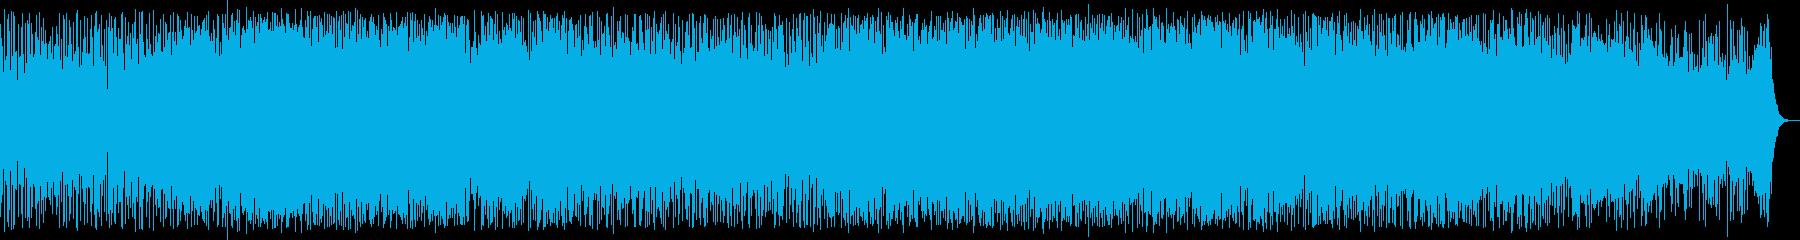 激しいシンセ・ドラムなどポップハウス系の再生済みの波形